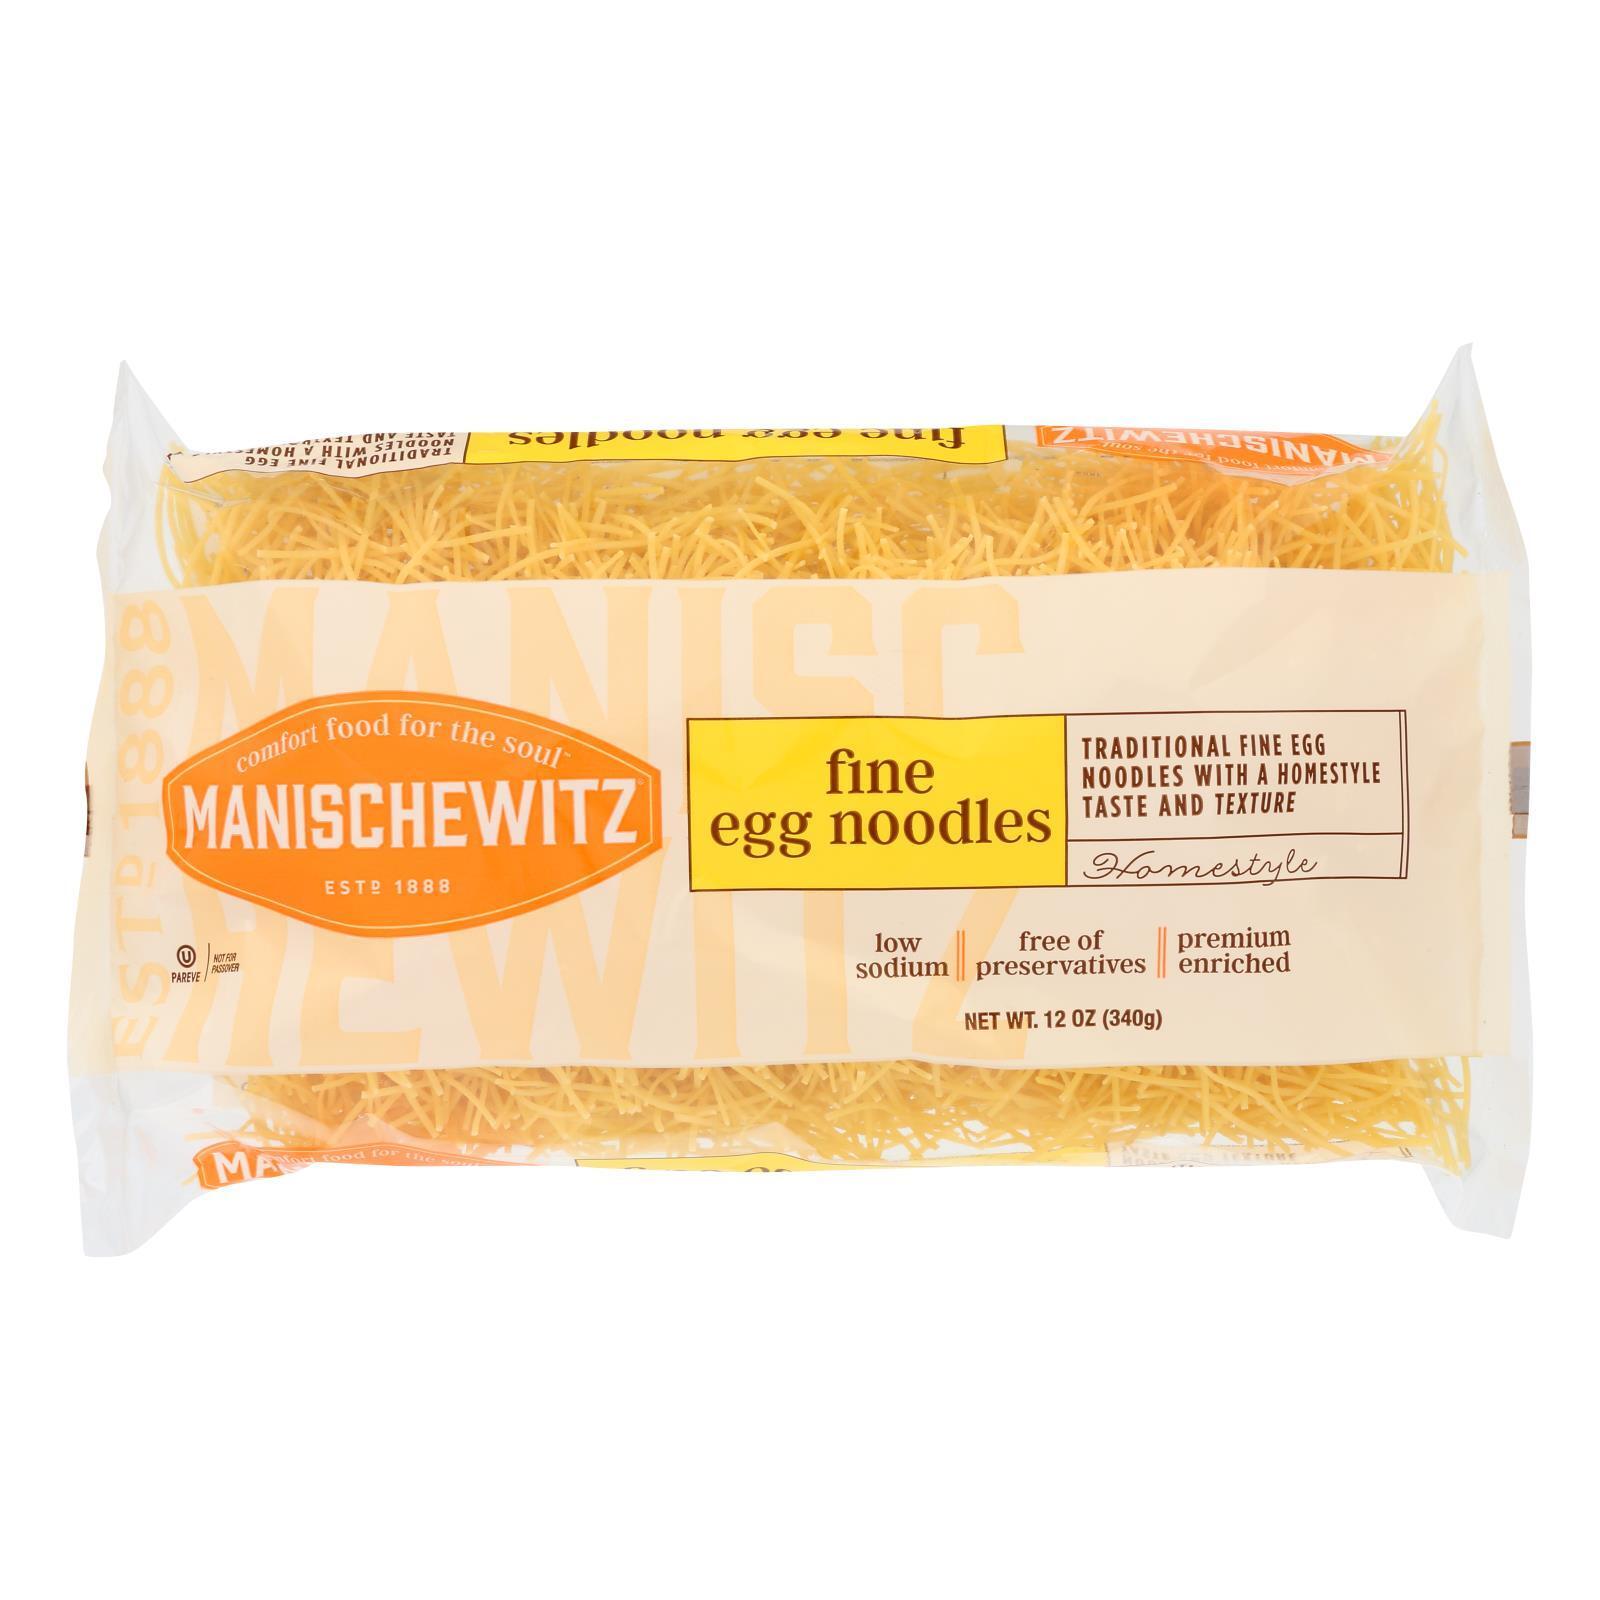 Manischewitz Fine Egg Noodles - Case of 12 - 12 oz.